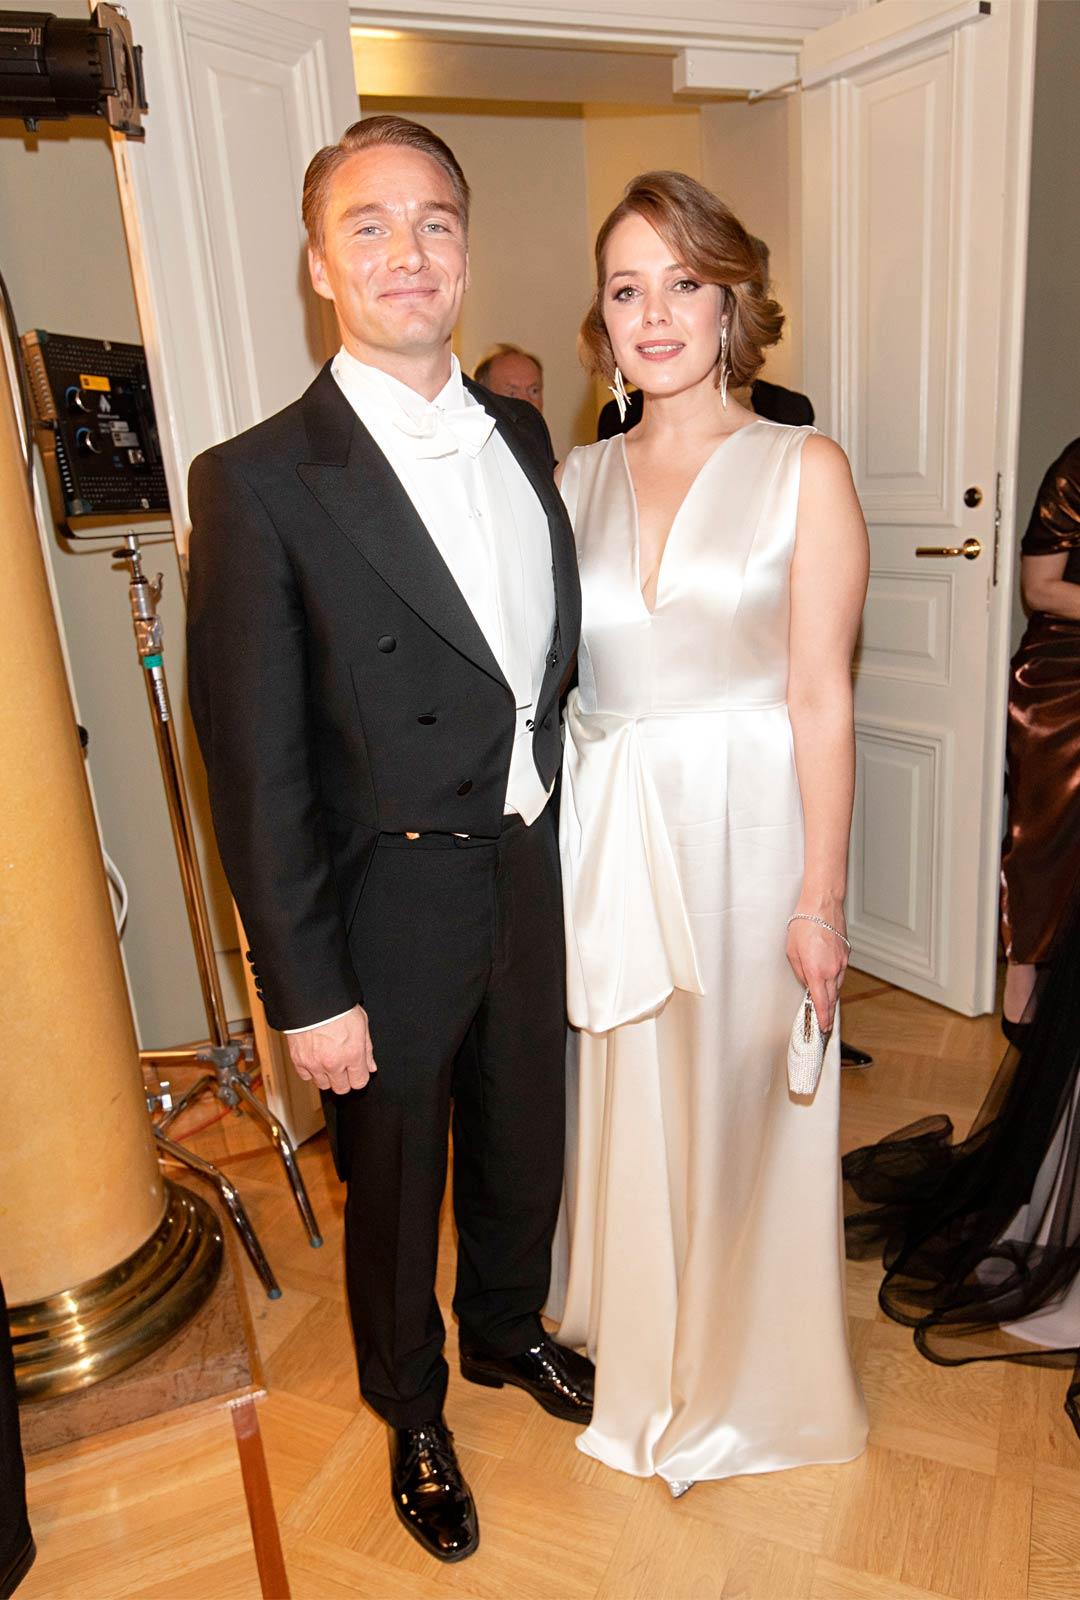 Näyttelijät Leo Honkonen ja Oona Airola lomailivat Kaliforniassa ennen Linnan juhlia.